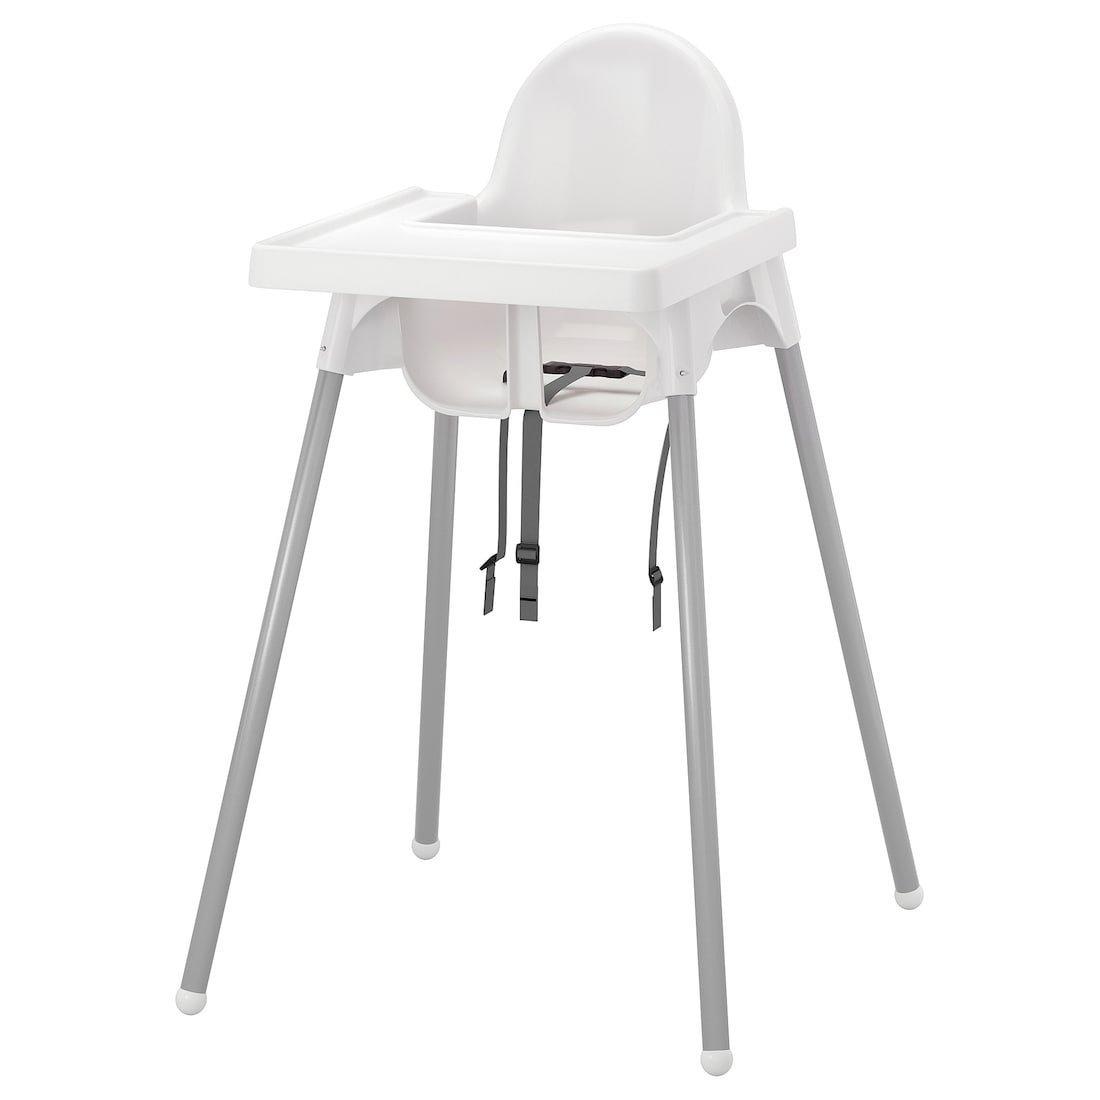 2st Antilop barnstol med bricka, IKEA